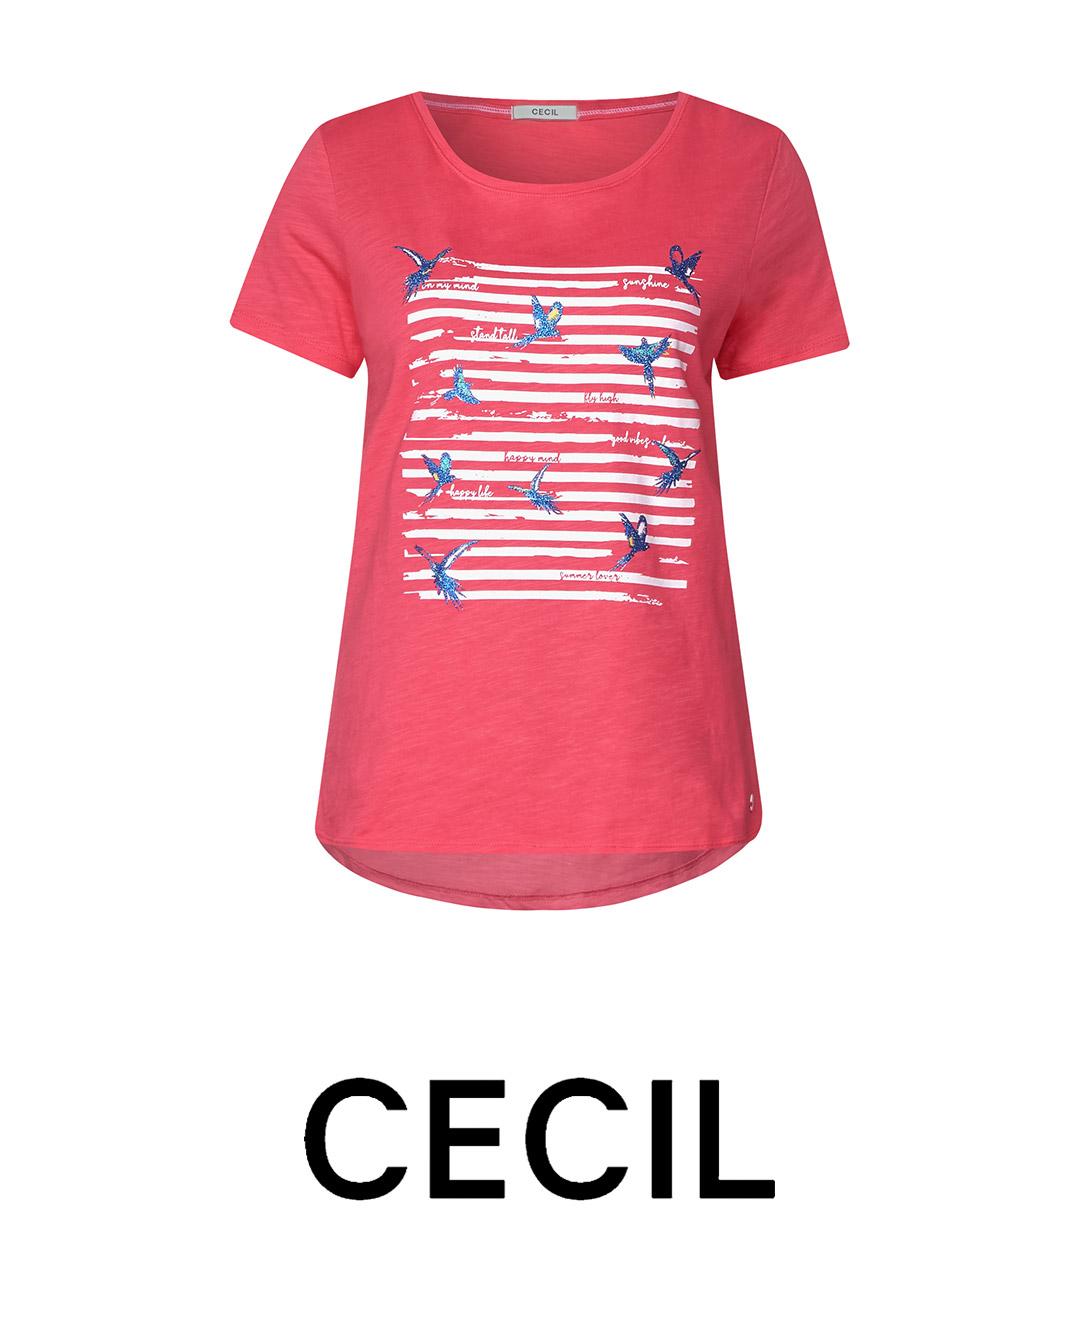 Cecil designer Outlet salzburg